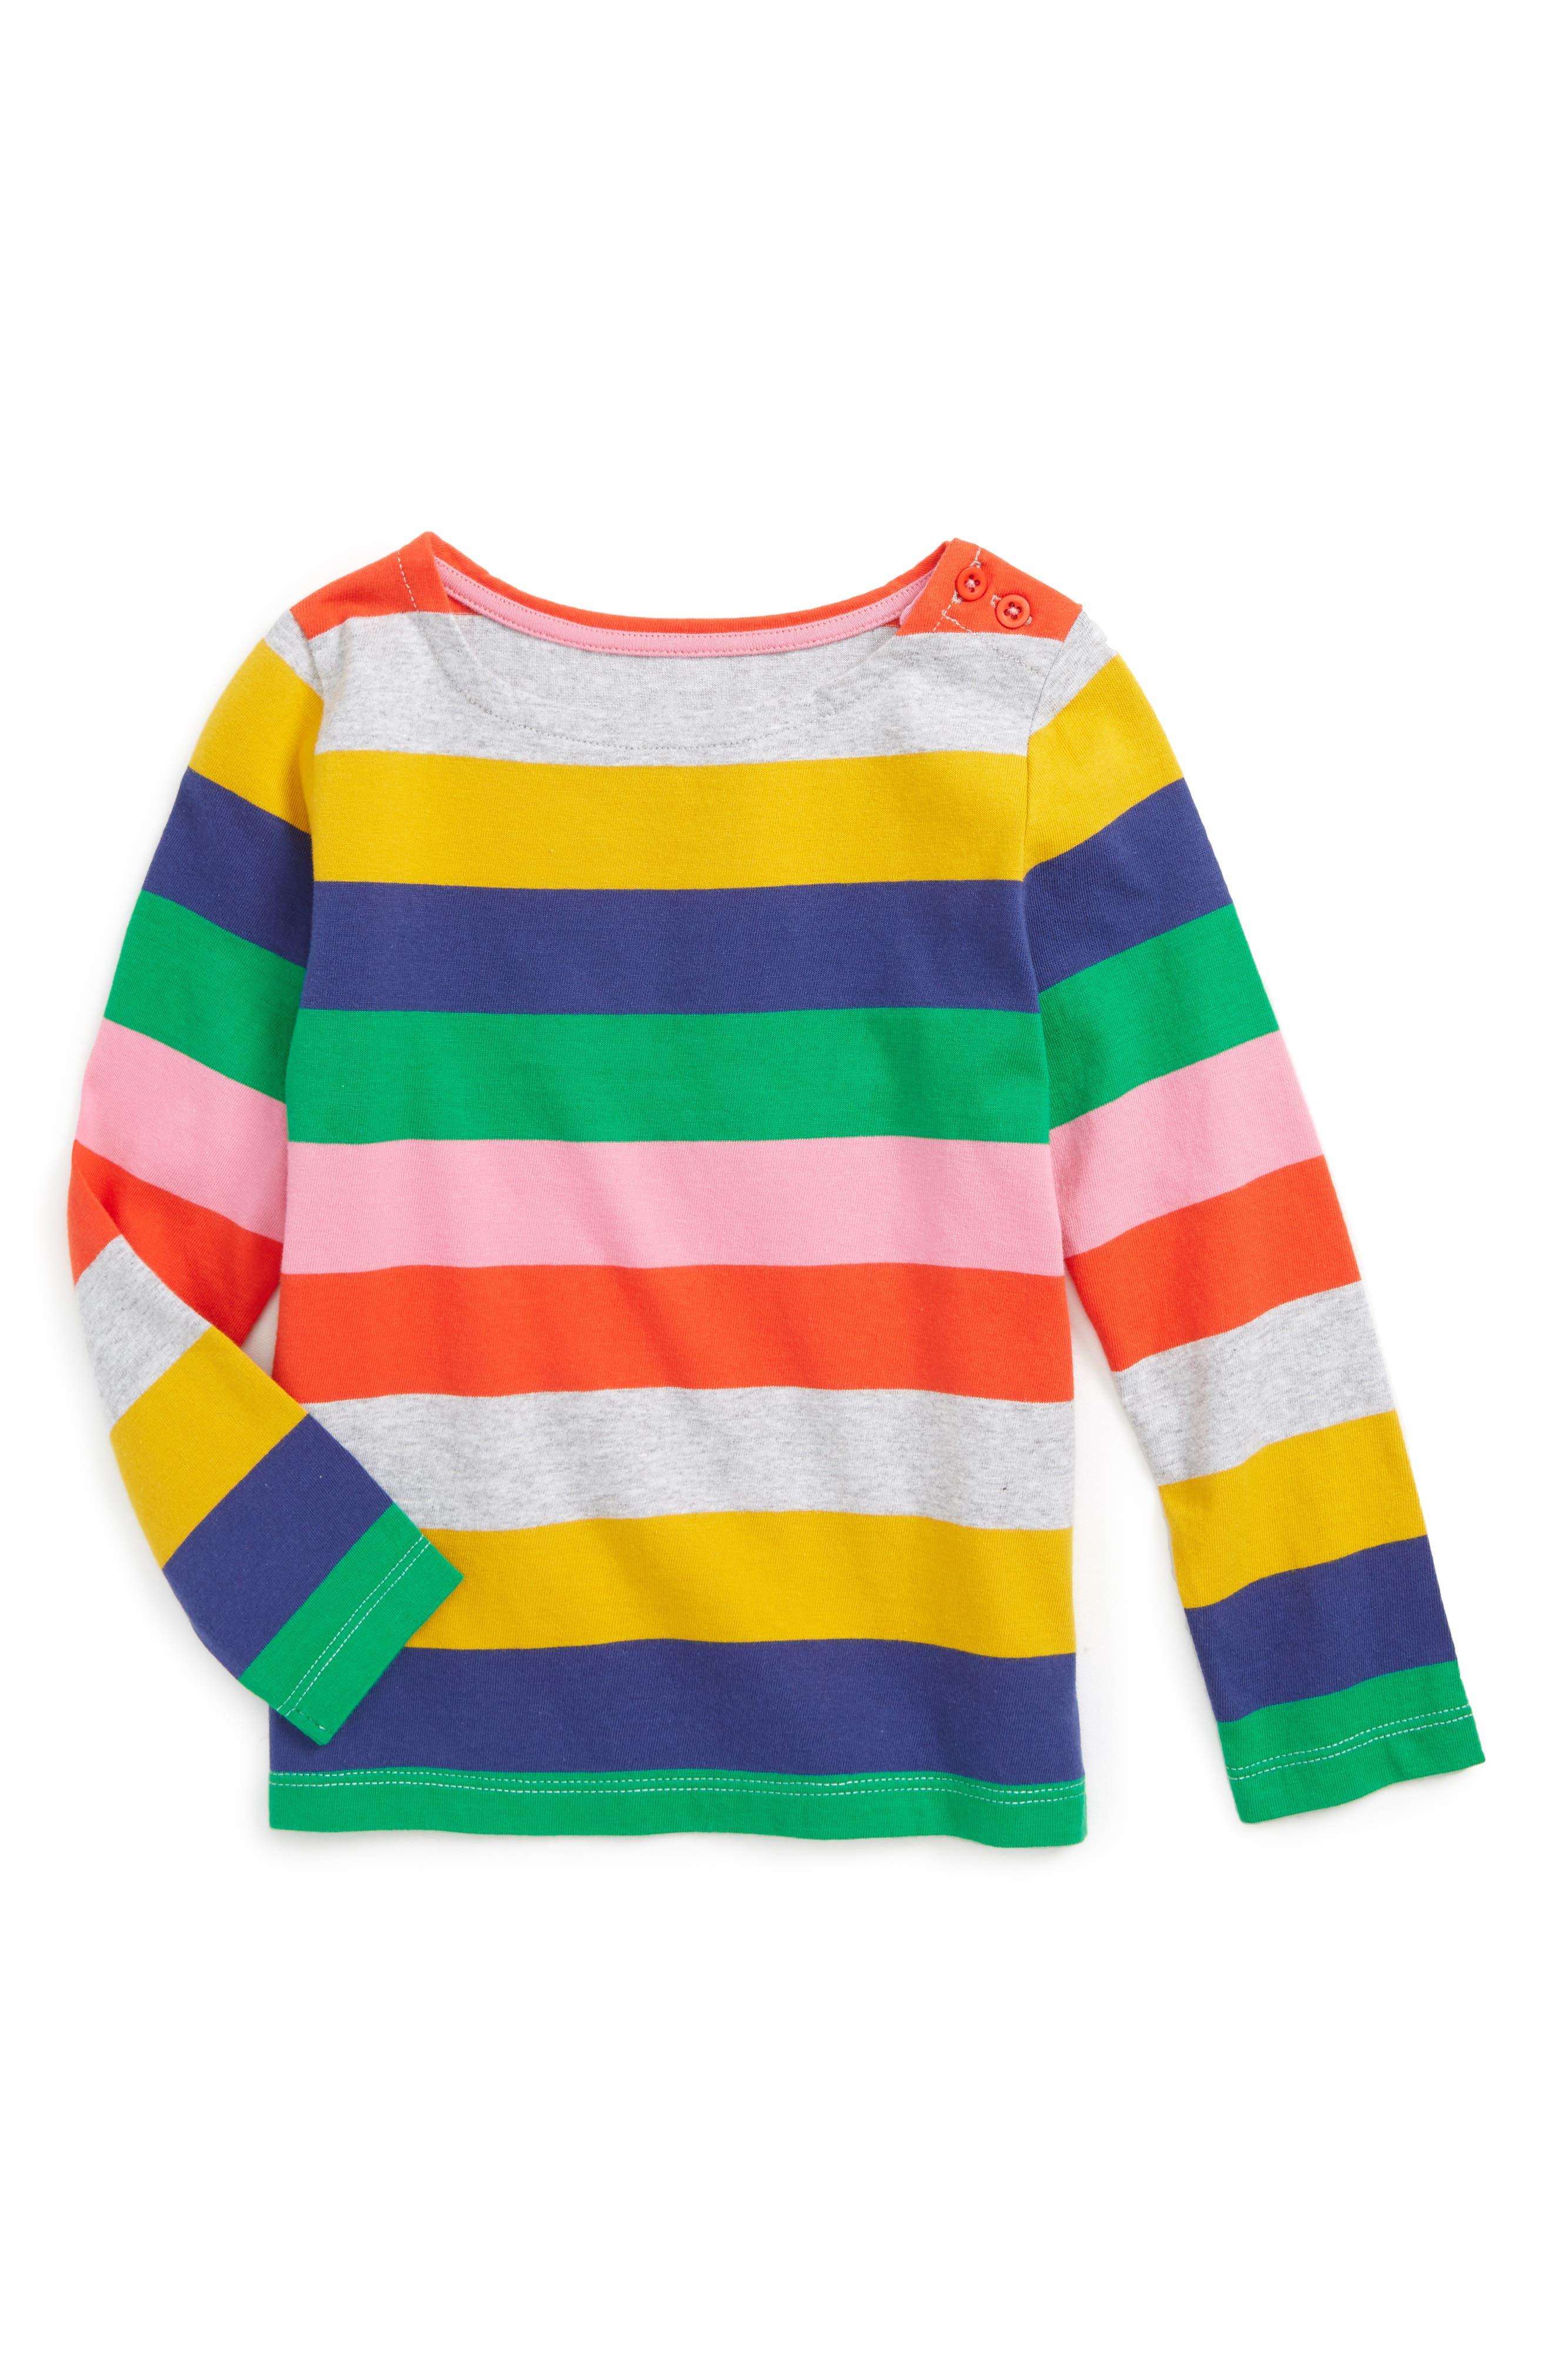 Alternate Image 1 Selected - Mini Boden Colourfully Stripy Tee (Toddler Girls, Little Girls & Big Girls)